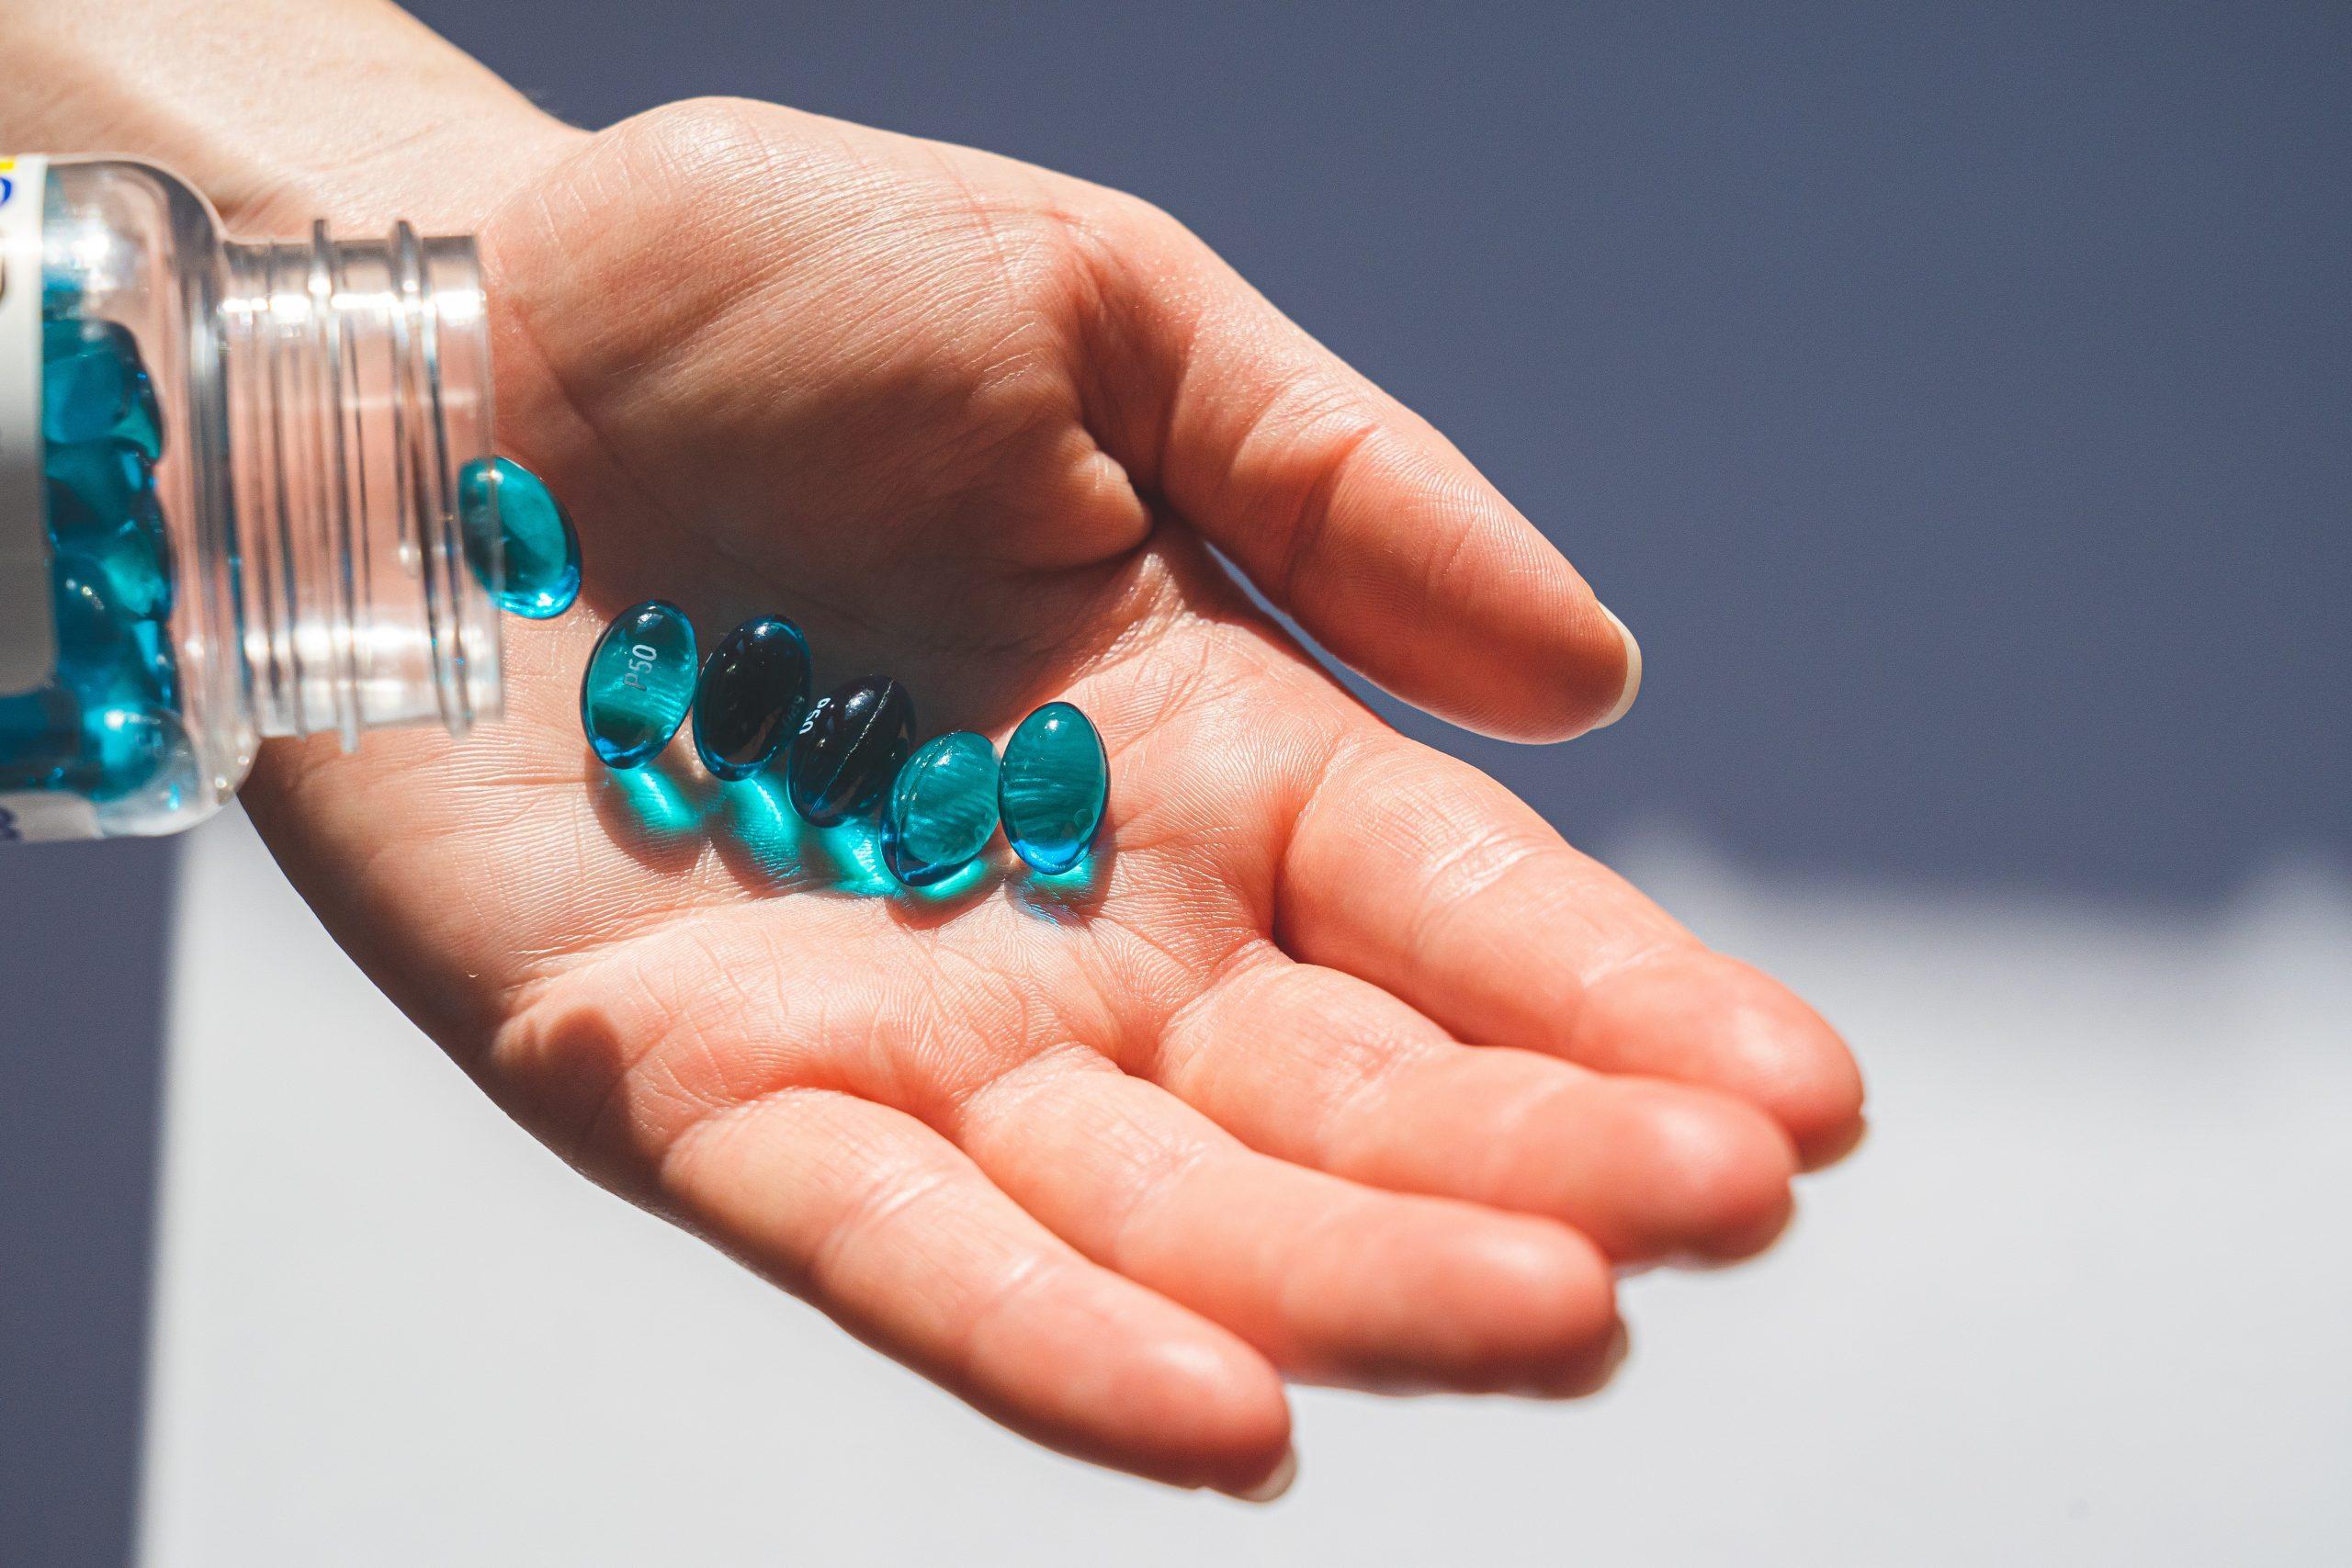 Jak dbać o regularne dostarczanie organizmowi witamin i minerałów?